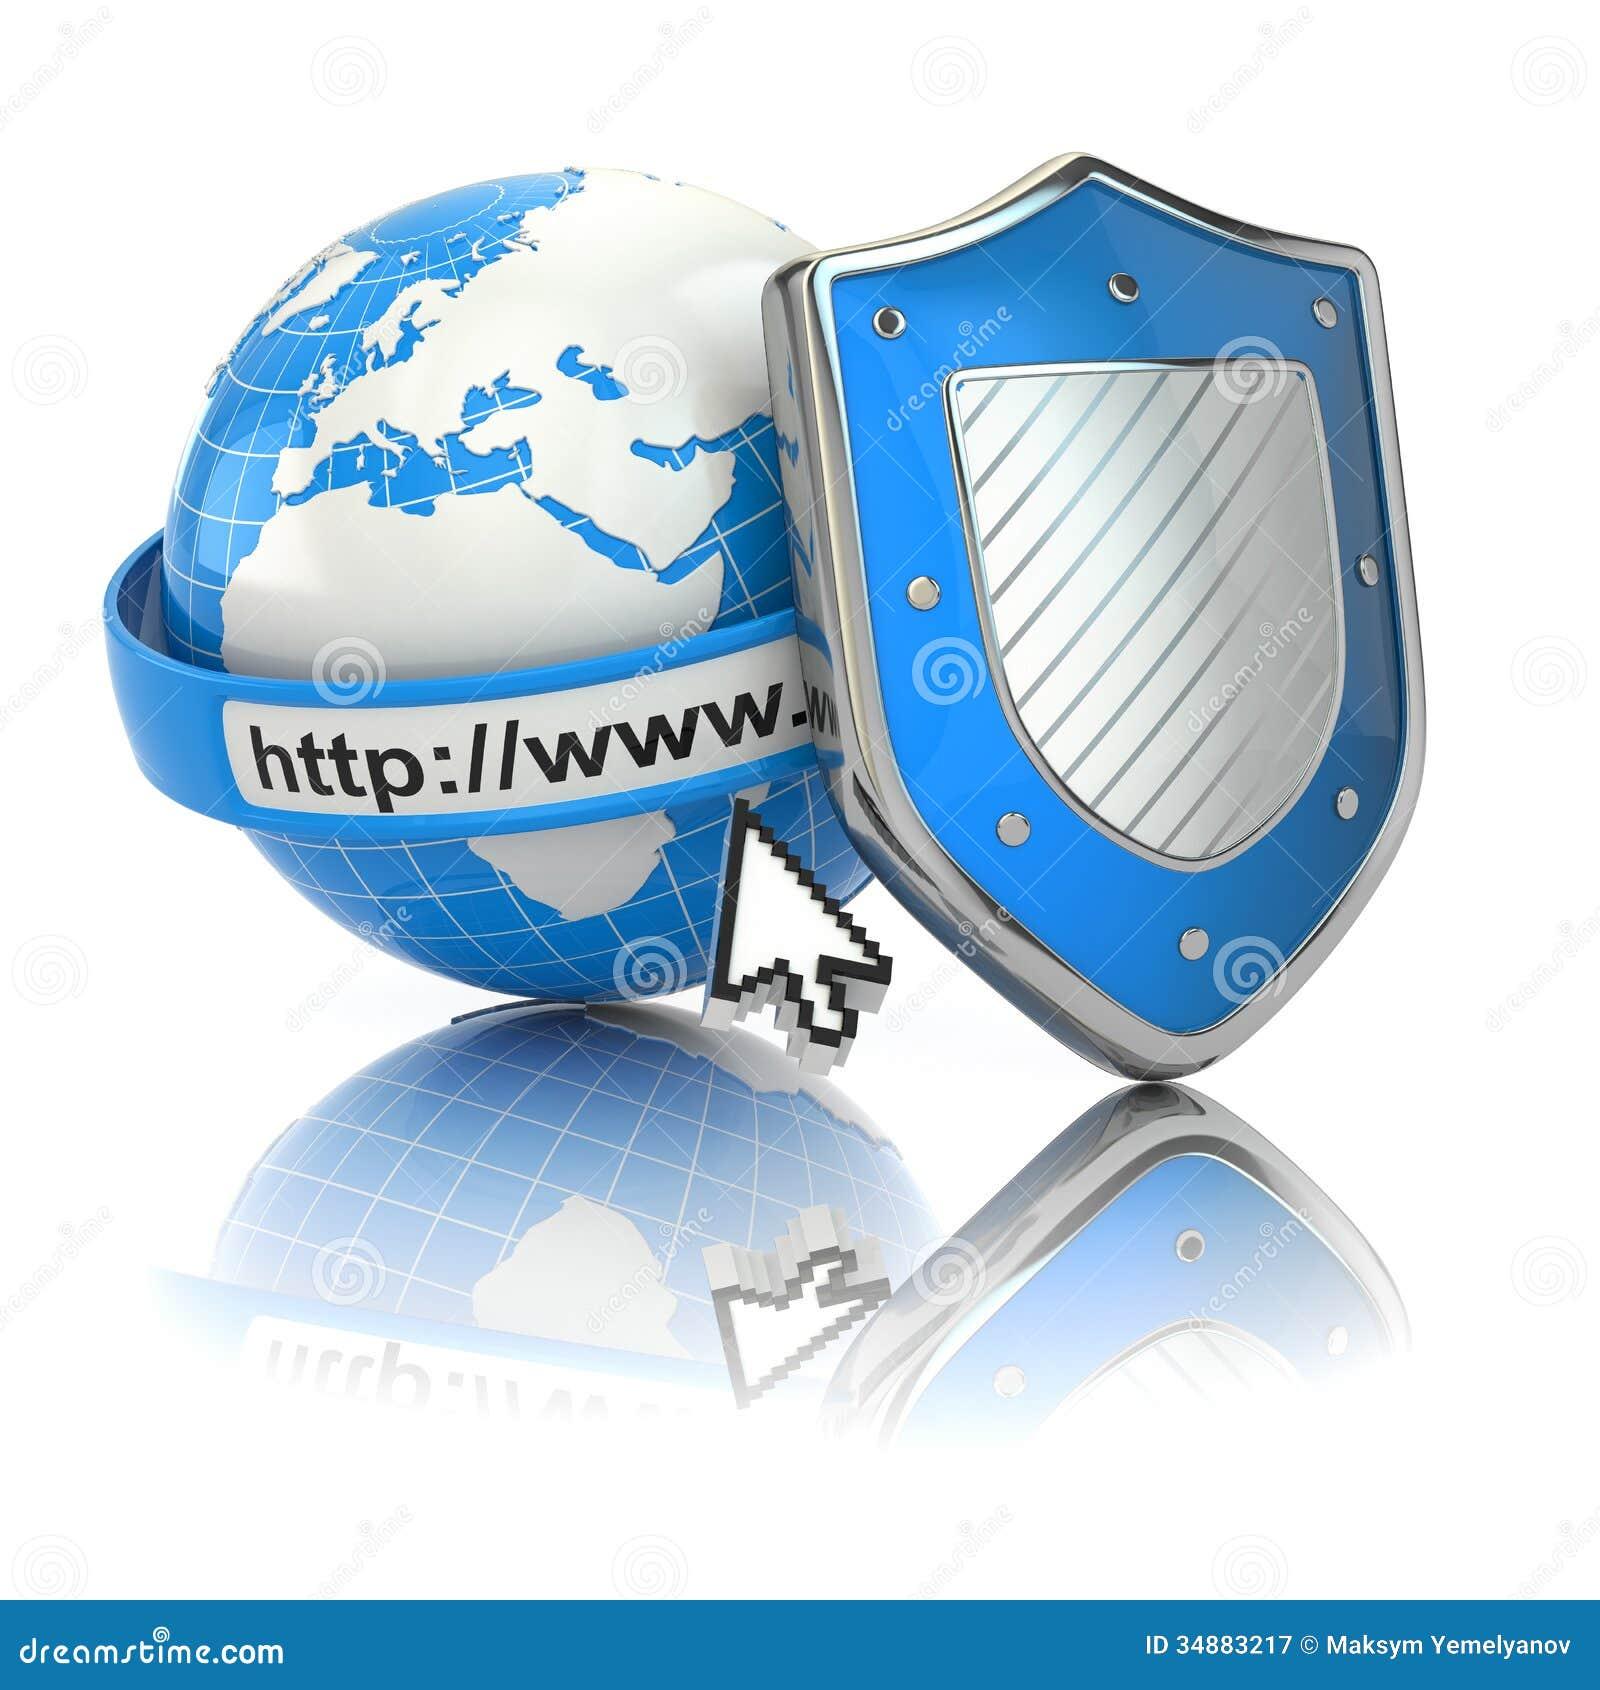 Internet-veiligheid. Aarde, browser adreslijn en schild.